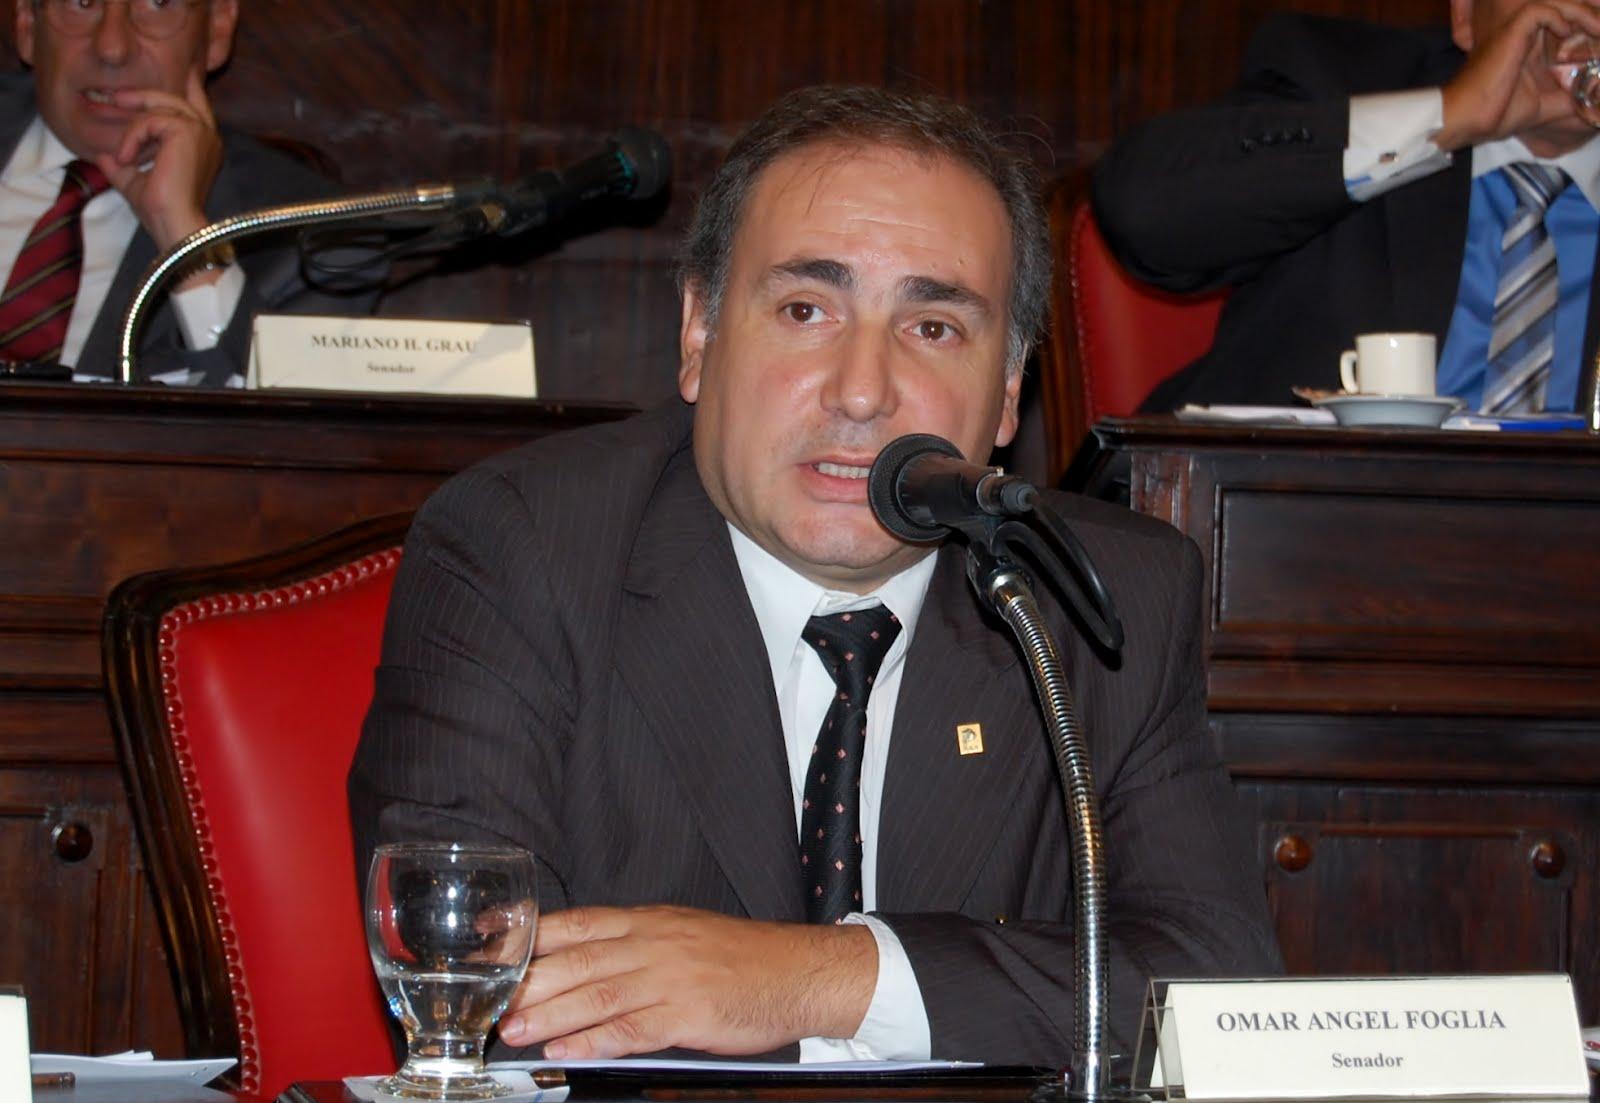 La Barrick Gold se va de Argentina. El repudio del Senador Foglia fue decisivo.